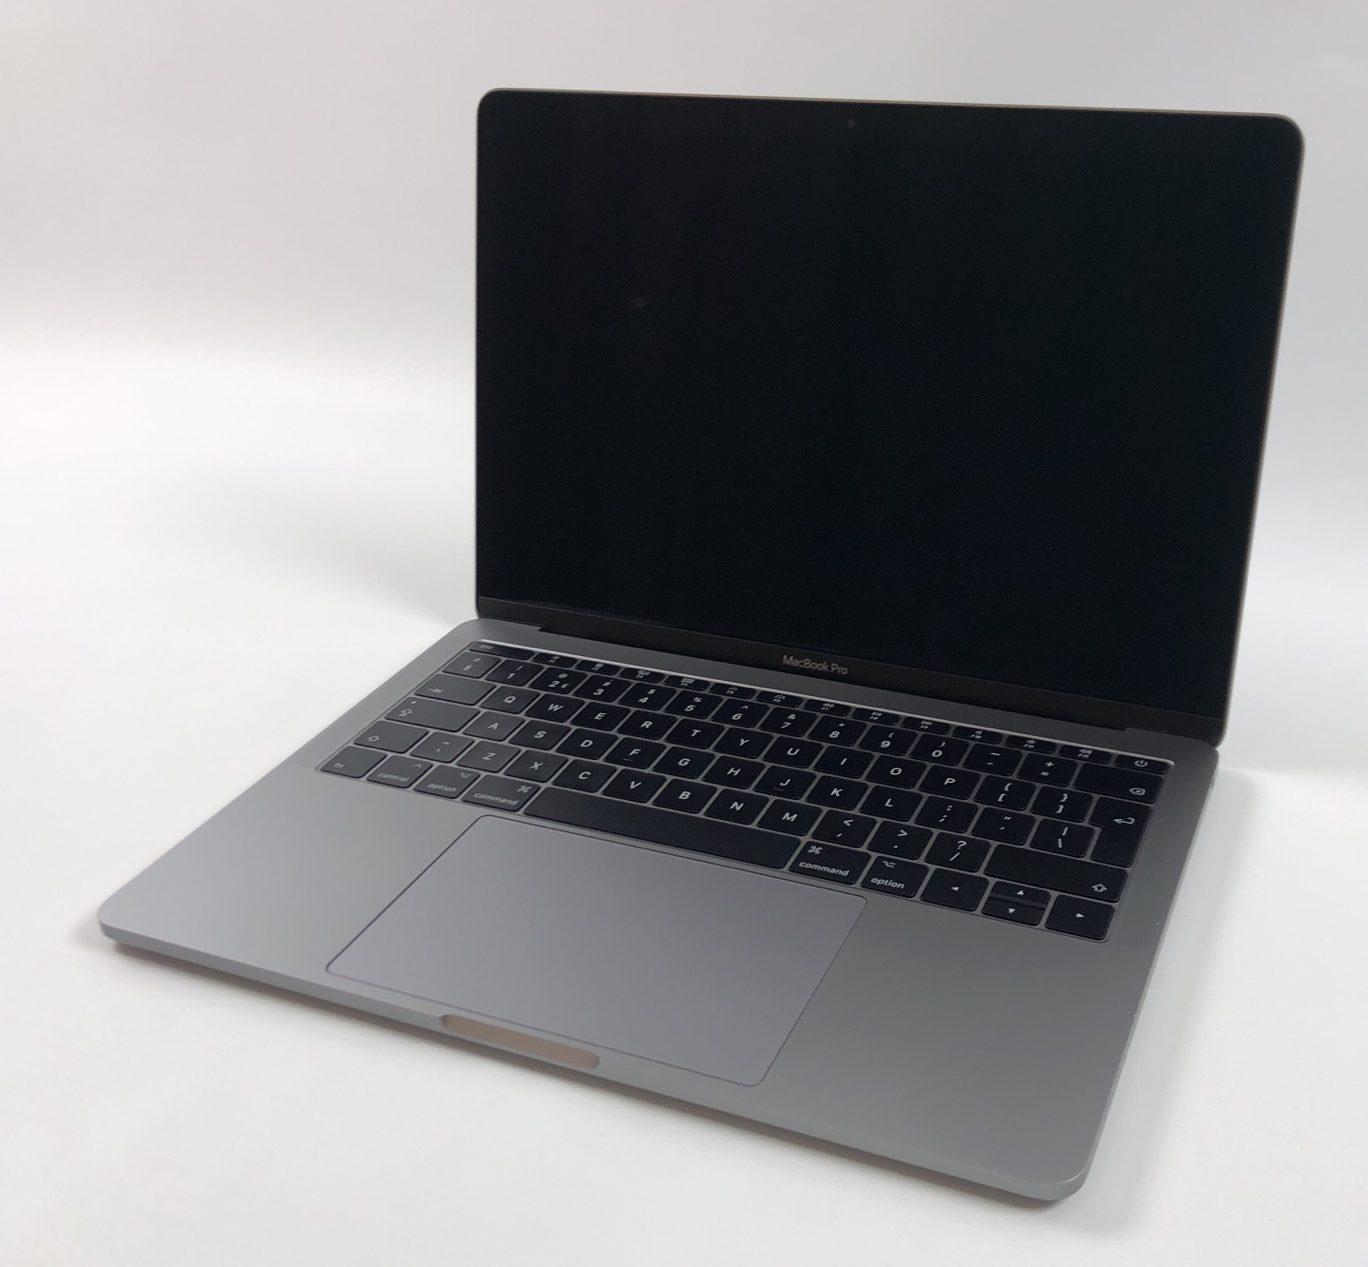 """MacBook Pro 13"""" 2TBT Mid 2017 (Intel Core i5 2.3 GHz 8 GB RAM 256 GB SSD), Space Gray, Intel Core i5 2.3 GHz, 8 GB RAM, 256 GB SSD, bild 1"""